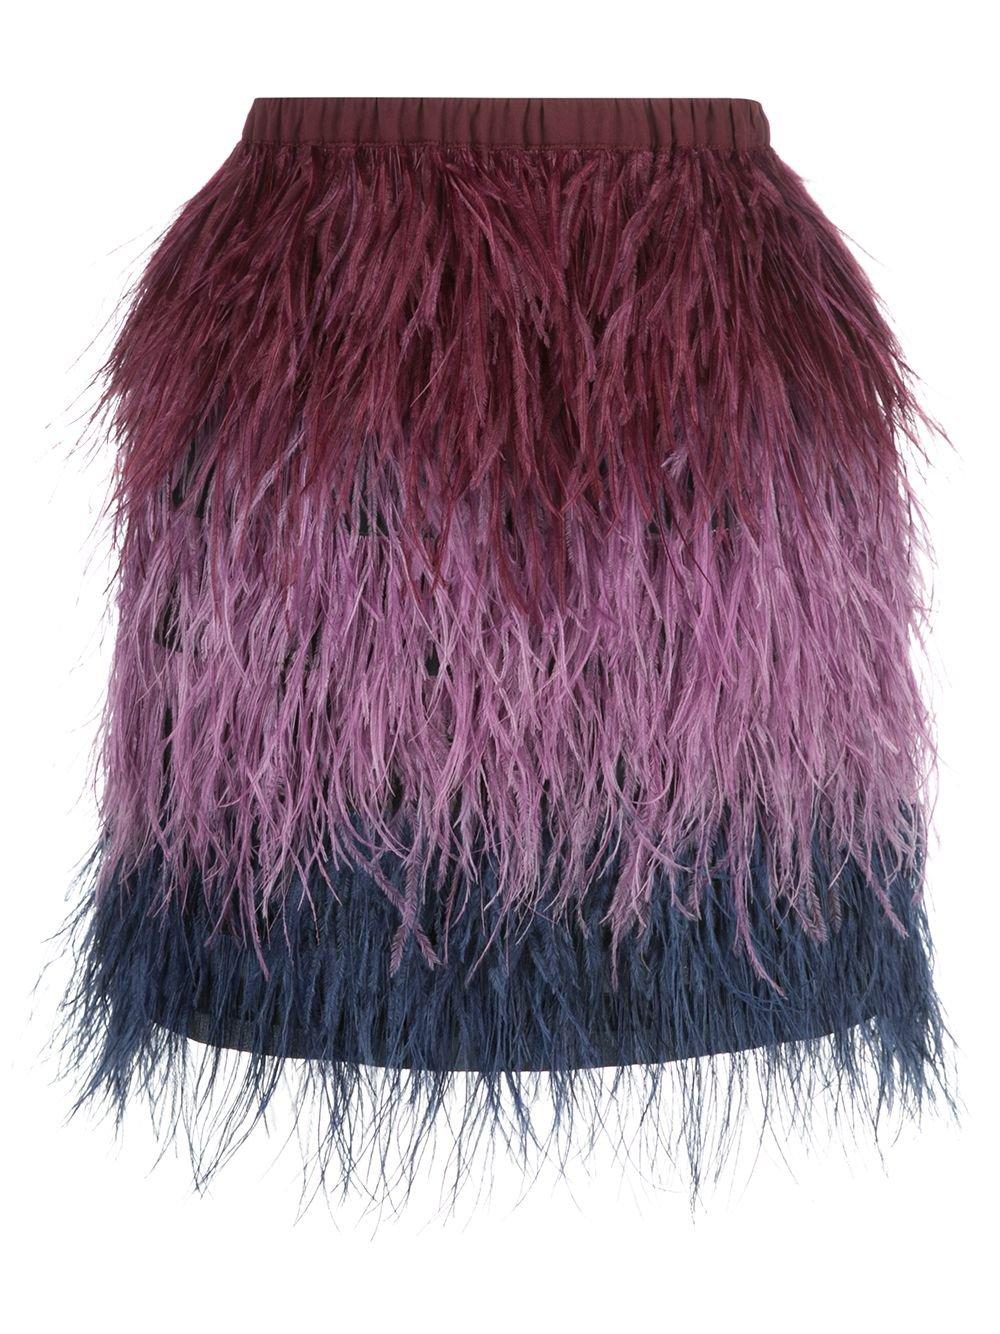 Cynthia Rowley Ostrich Feather Mini Skirt | Farfetch.com